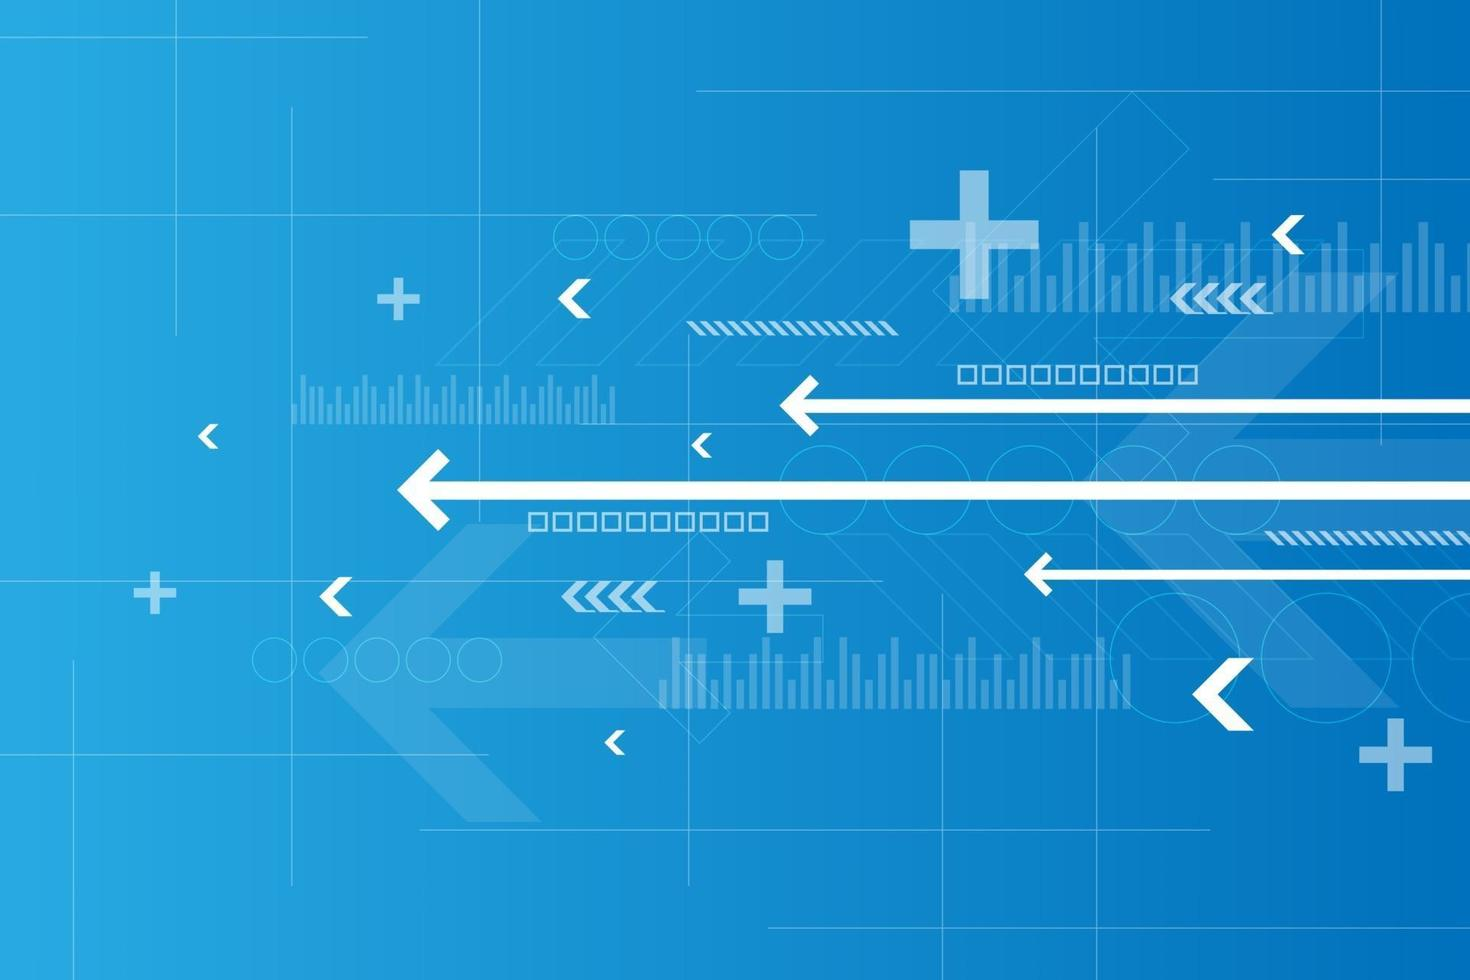 werking van digitale systemen die gegevens overdragen. vector